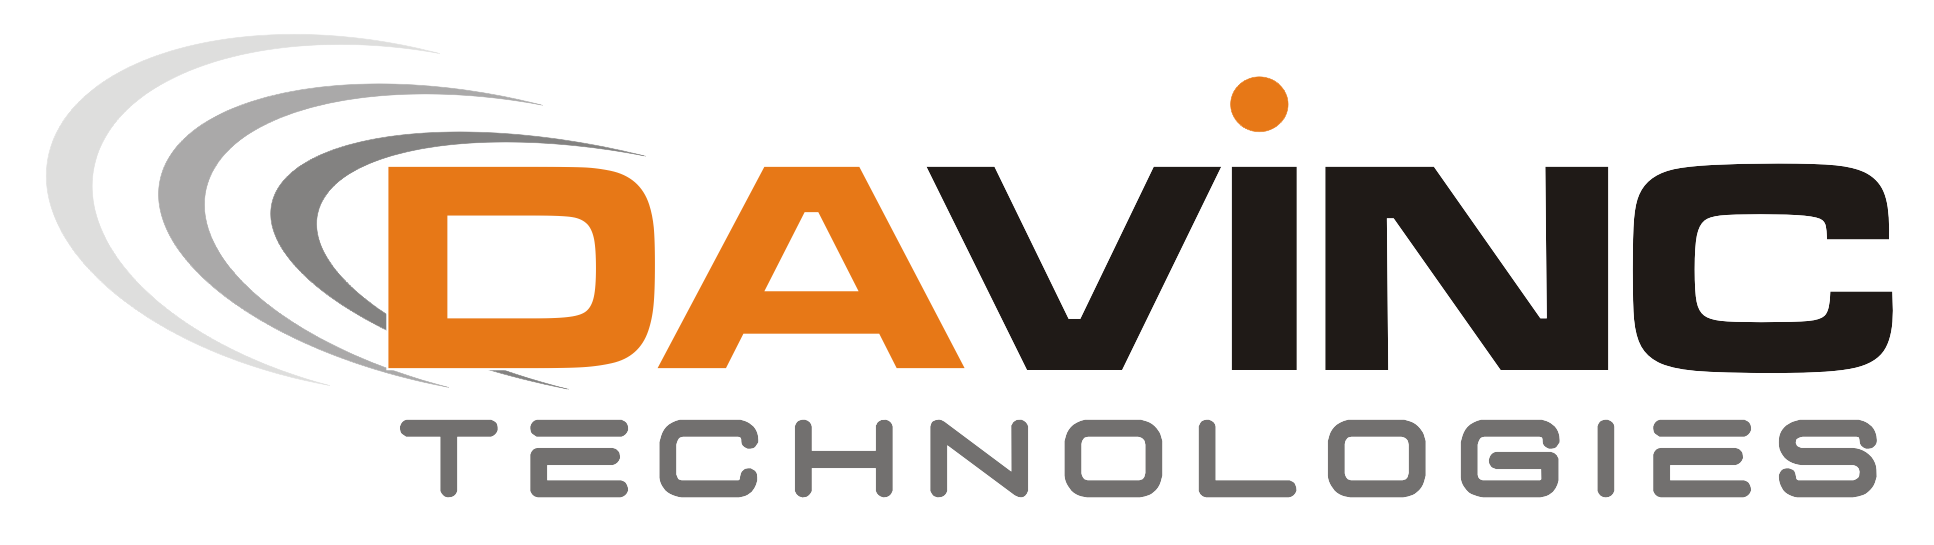 DaVinc